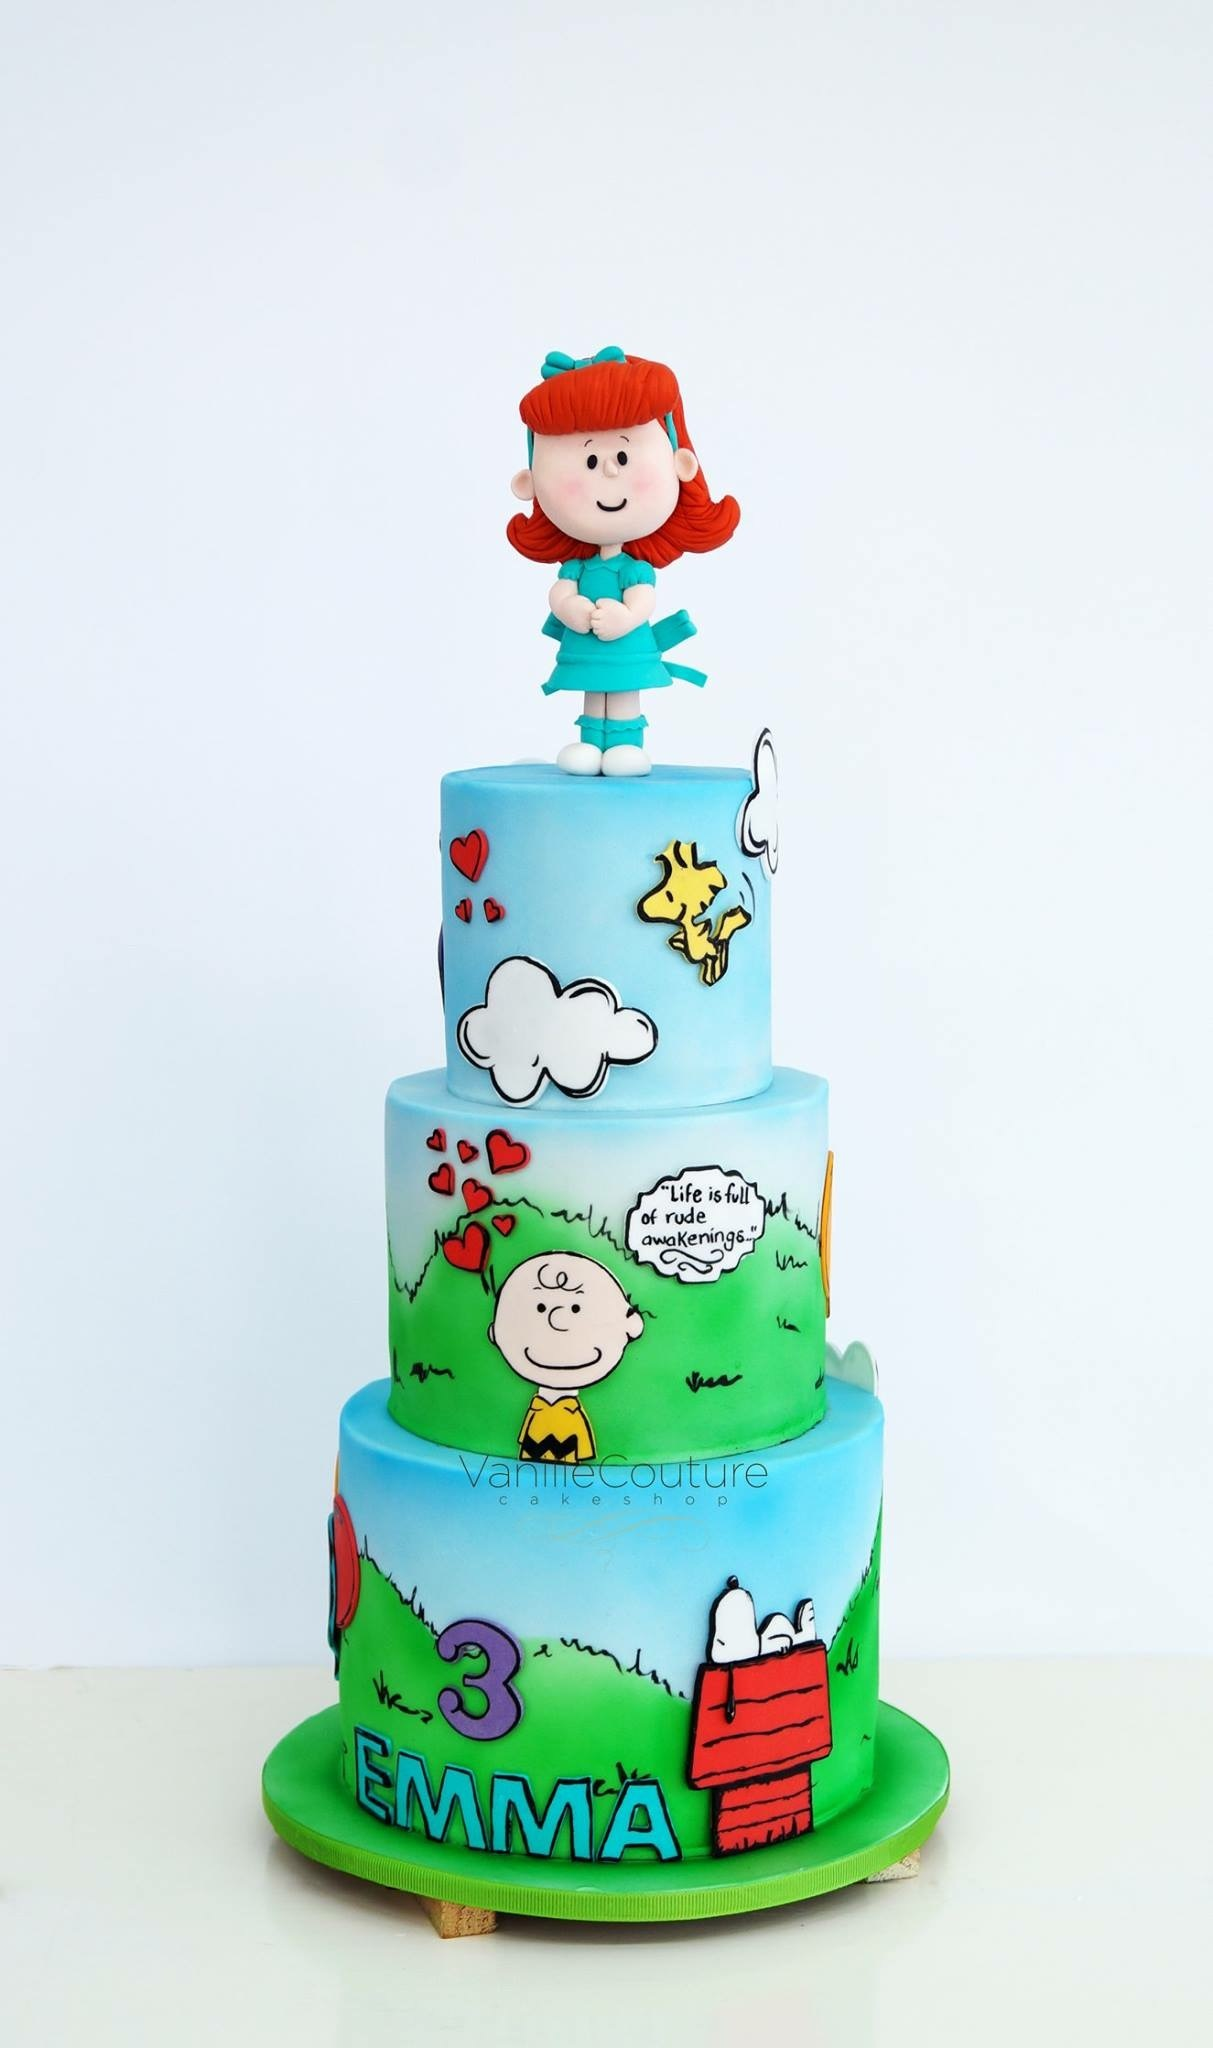 Peanuts Cake